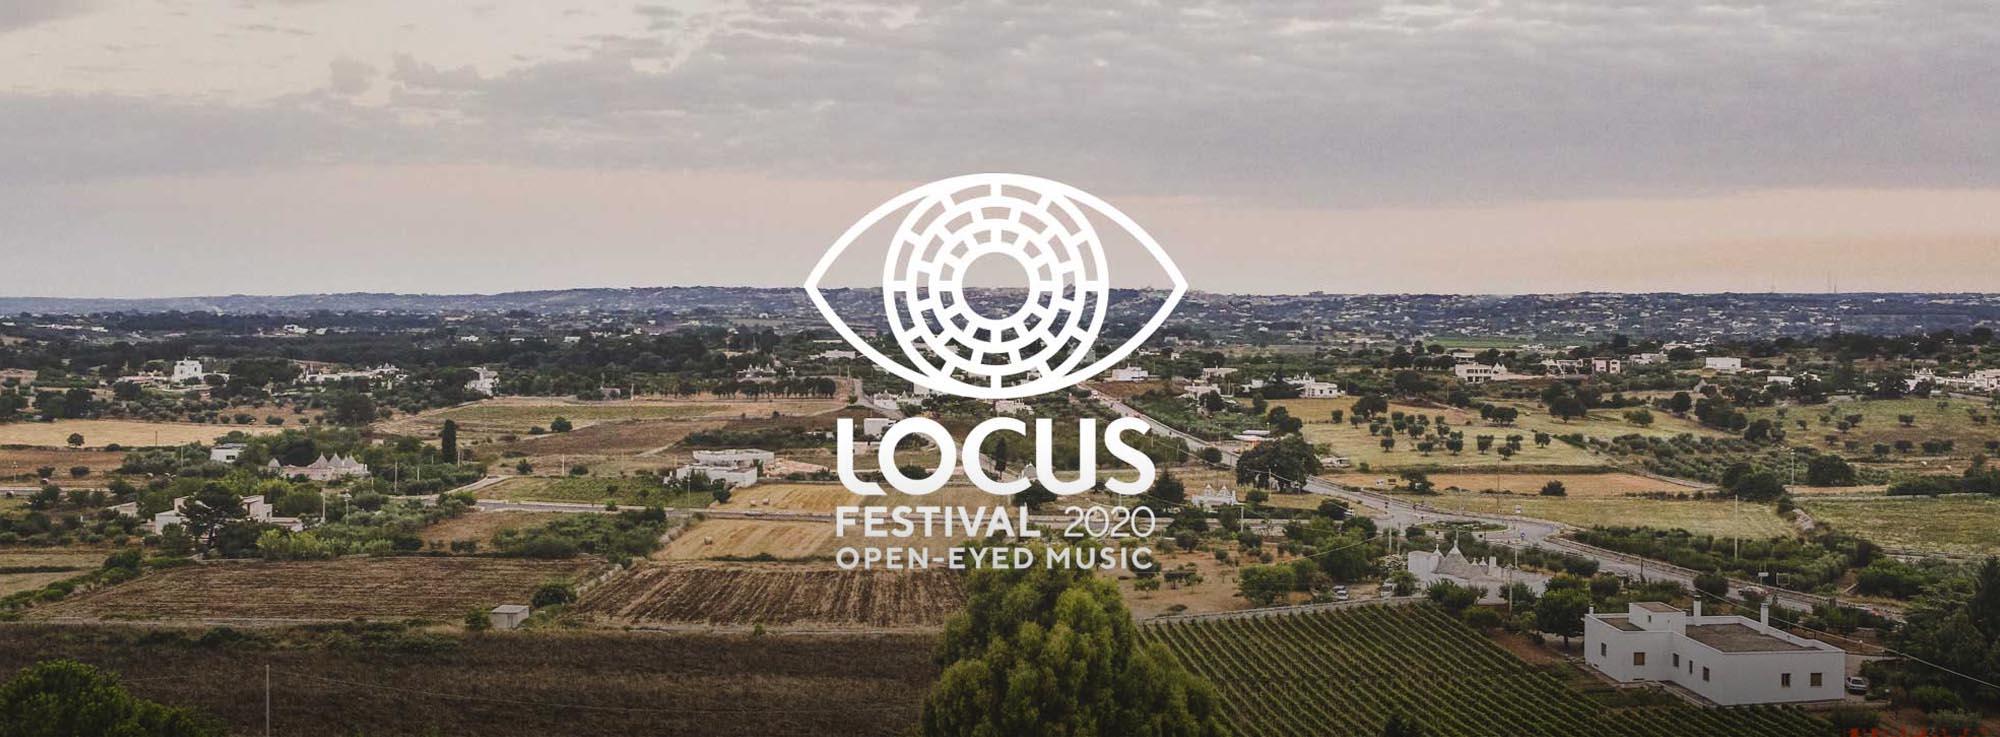 Locorotondo, Fasano: Locus Festival 2020 limited edition